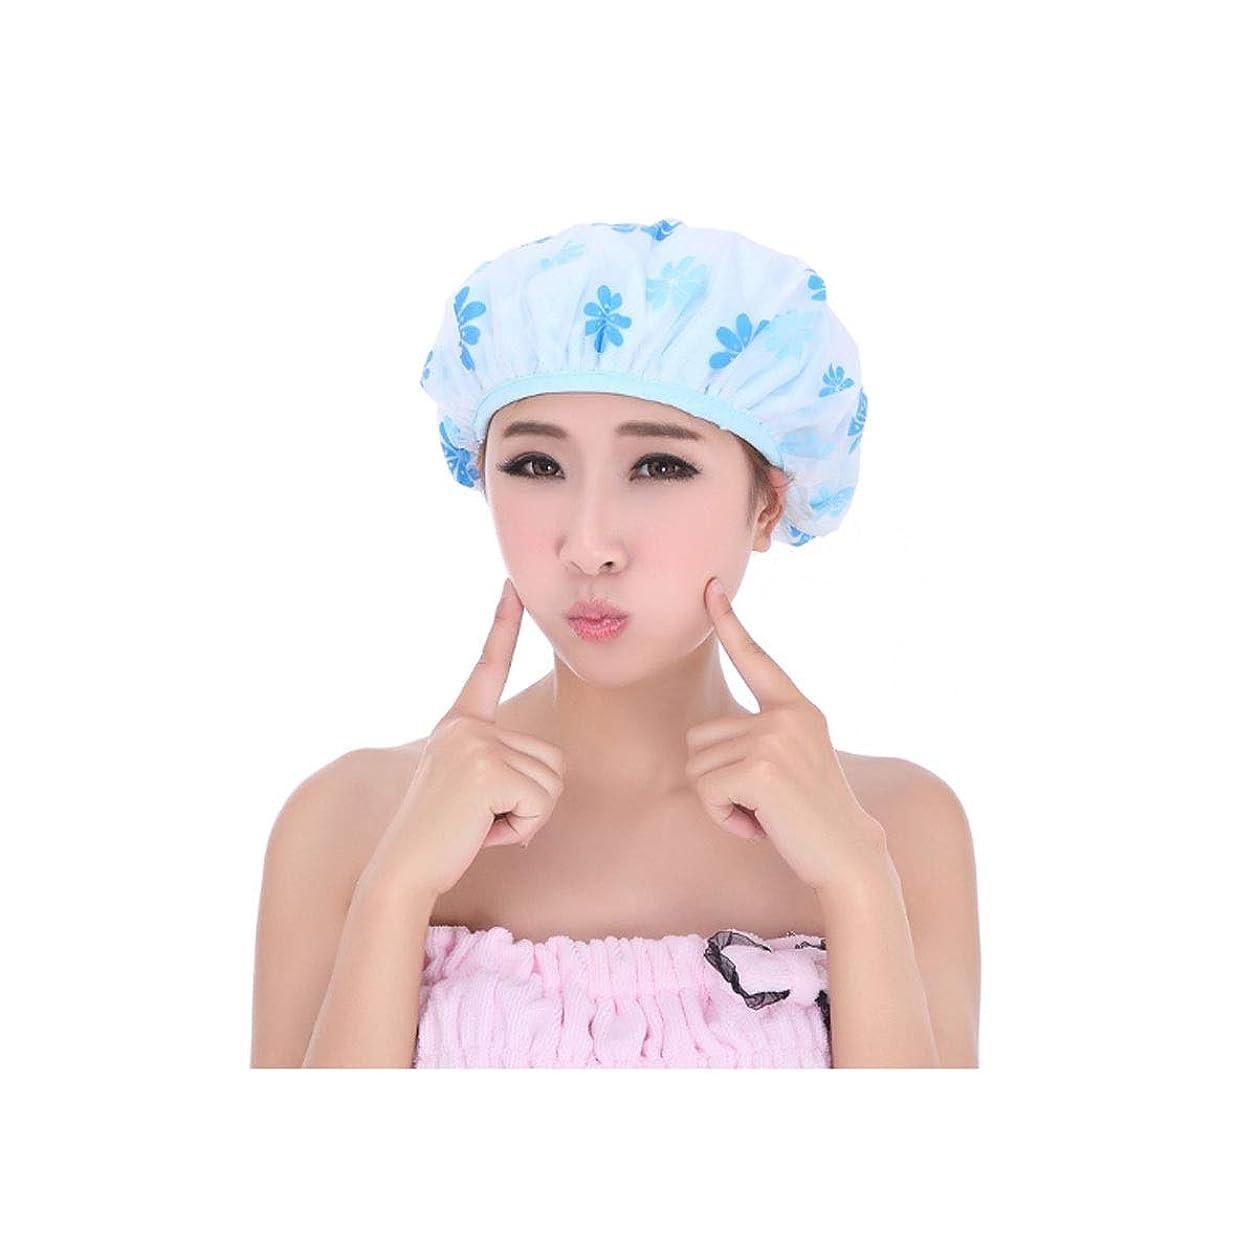 恥ずかしい概要ライドXIONGHAIZI シャワーキャップ、シャワーキャップ防水シャワーキャップ、成人女性のシャワーキャップ、スリーインワン拡大シャワーキャップ、二層オイルキャップ、ヘアマスクシャワーキャップ、高品質、ブルー、ピンク、 (Color : Blue)